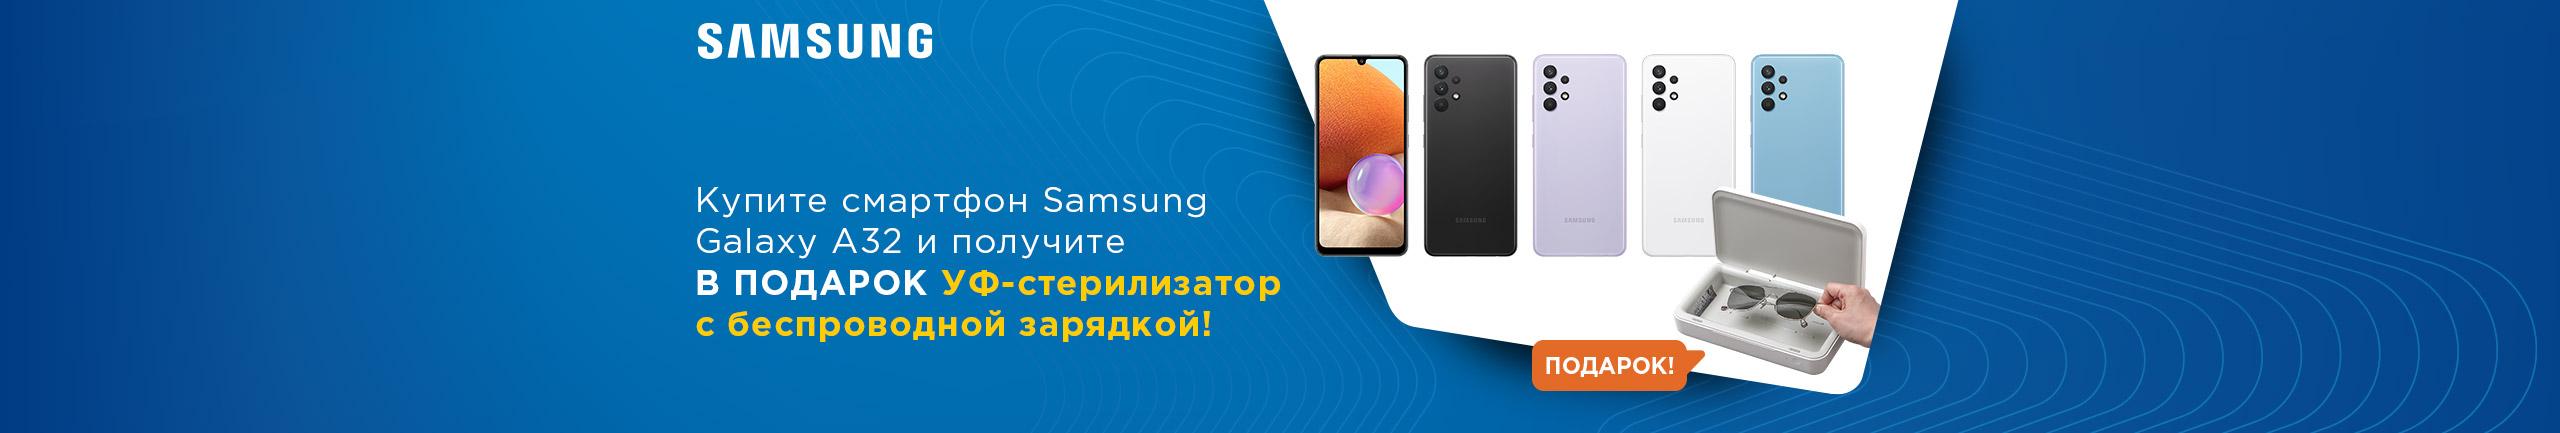 Купите смартфон Samsung Galaxy A32 и получите в подарок УФ-стерилизатор с беспроводной зарядкой